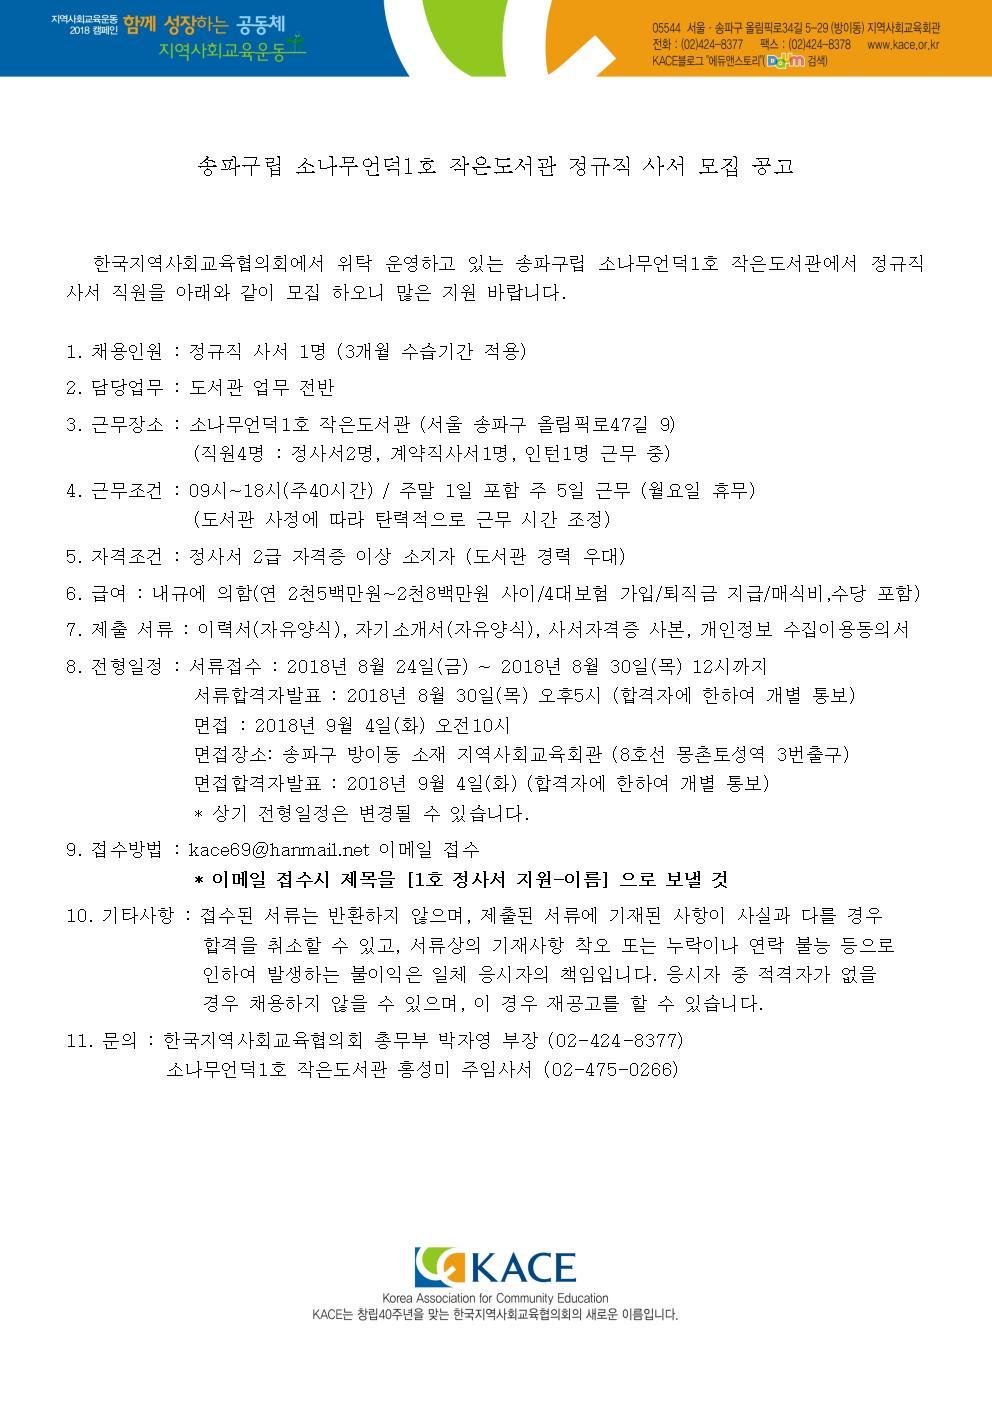 (2018.8.24.) 1호 도서관 정규직 사서 모집 공고(홈피)001.jpg